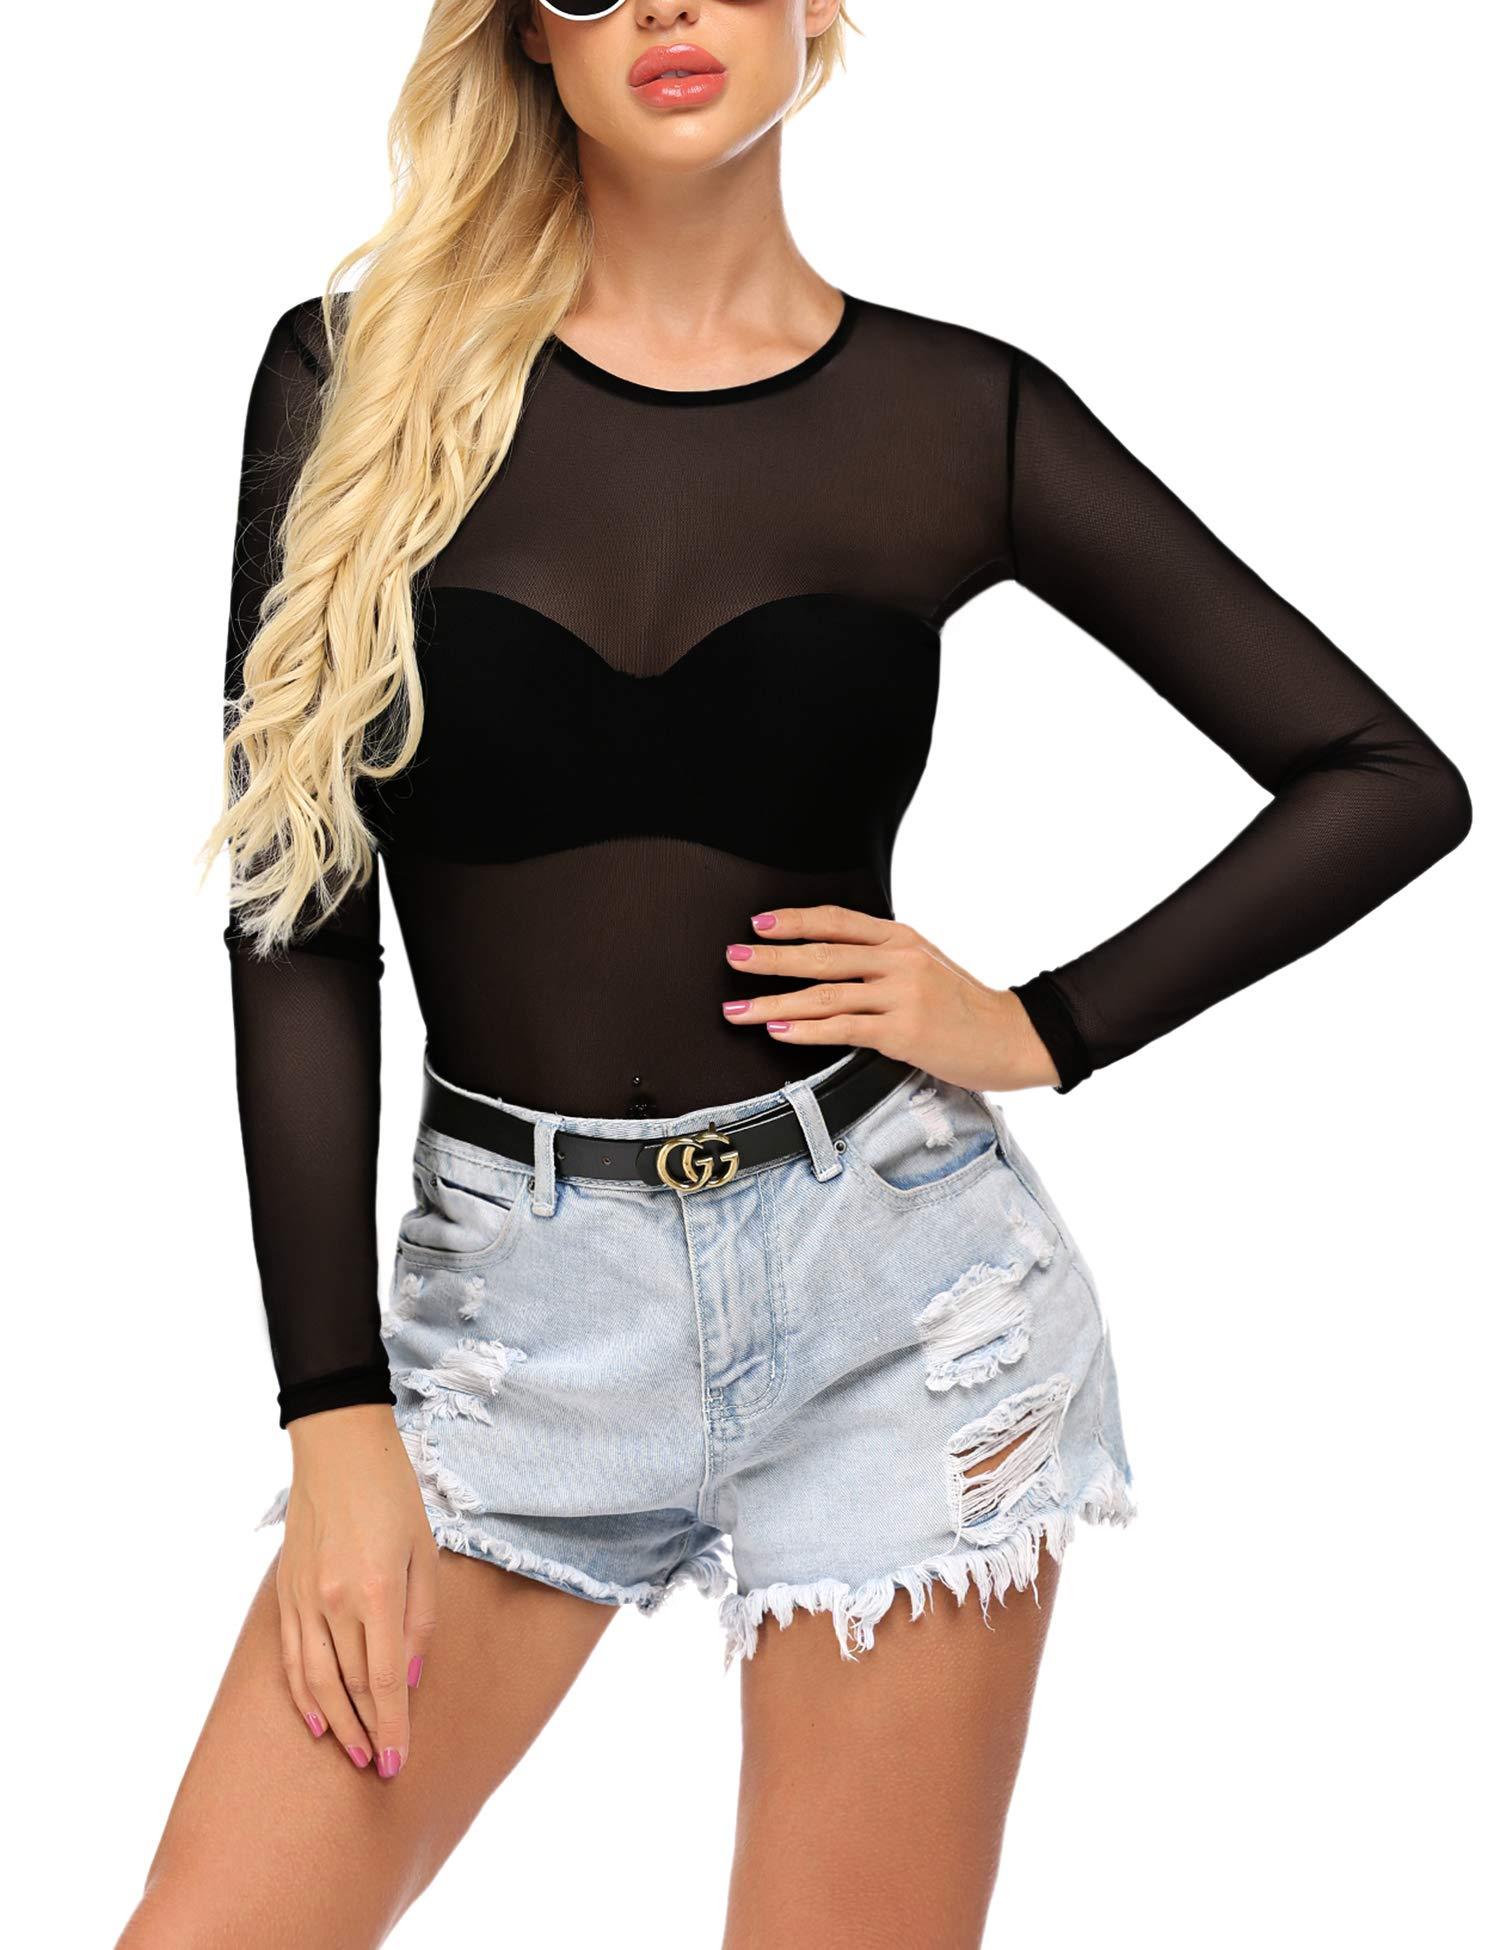 ADOME Sheer Mesh Shirt Women's Long Sleeve Blouse Top Bodycon Tee Clubwear